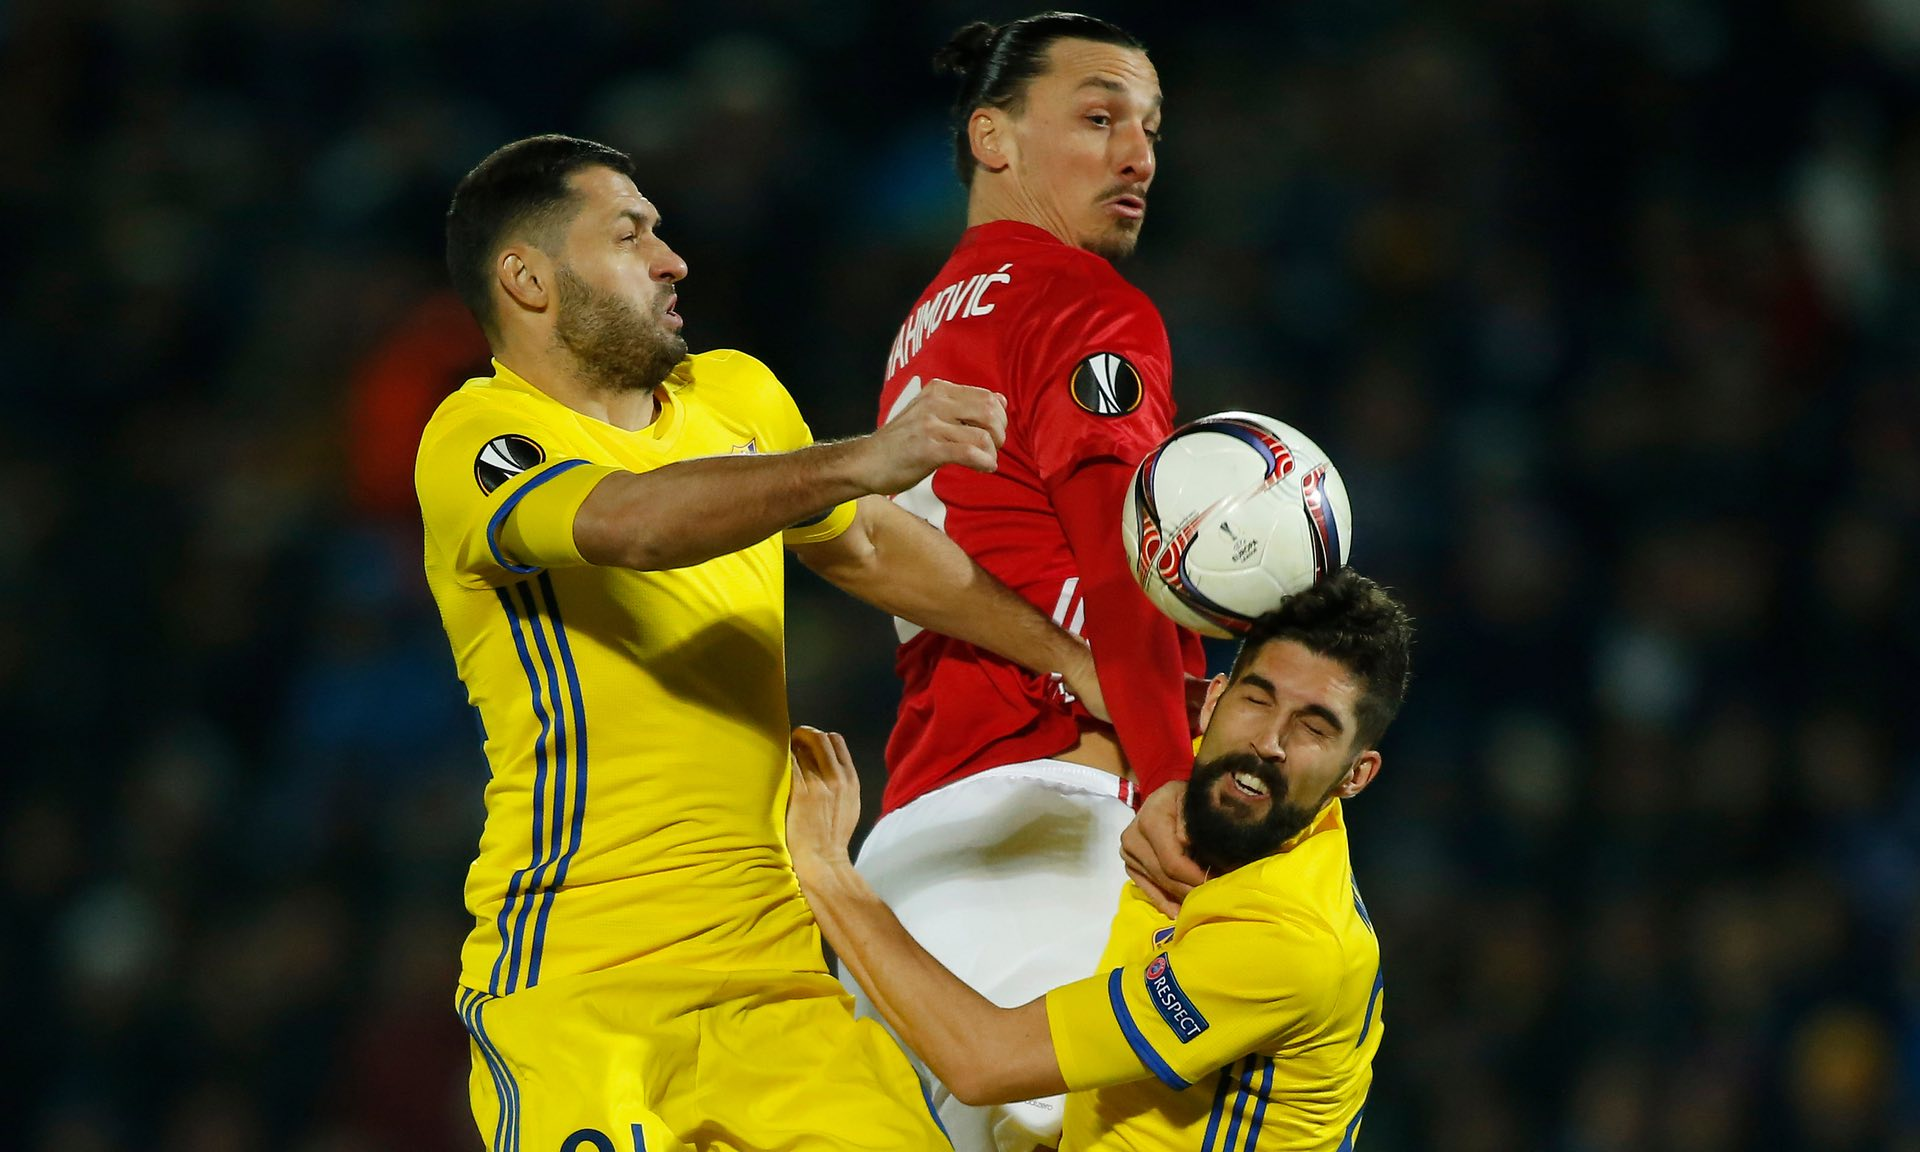 Vì chức vô địch Ngoại hạng Anh, Ibra sẽ ở lại Man United - Bóng Đá